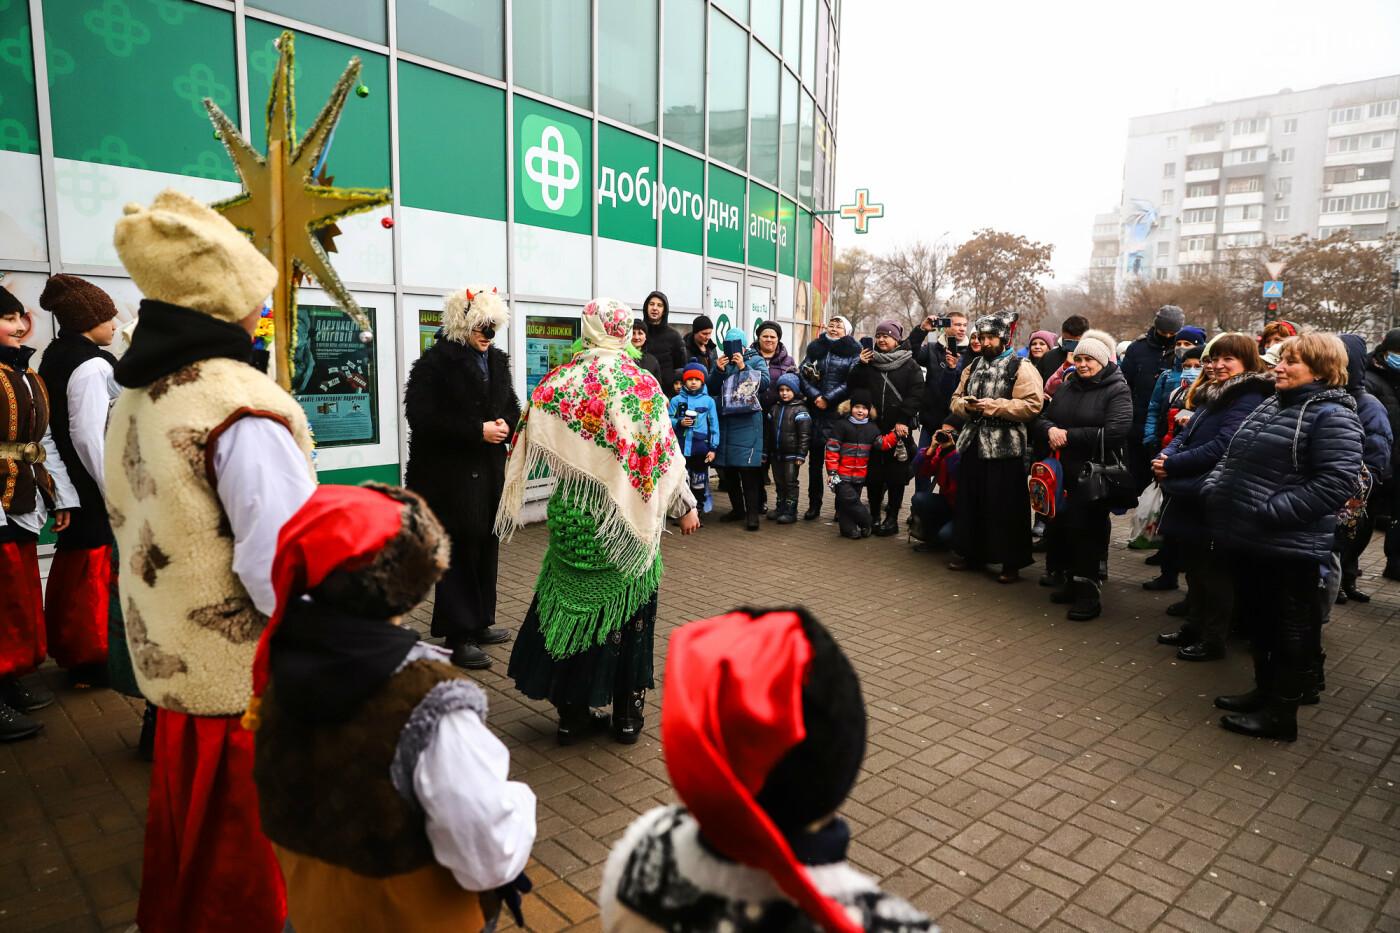 Нечистая сила против казаков: на улицах Запорожья показывали Рождественский вертеп, - ФОТО, ВИДЕО  , фото-13